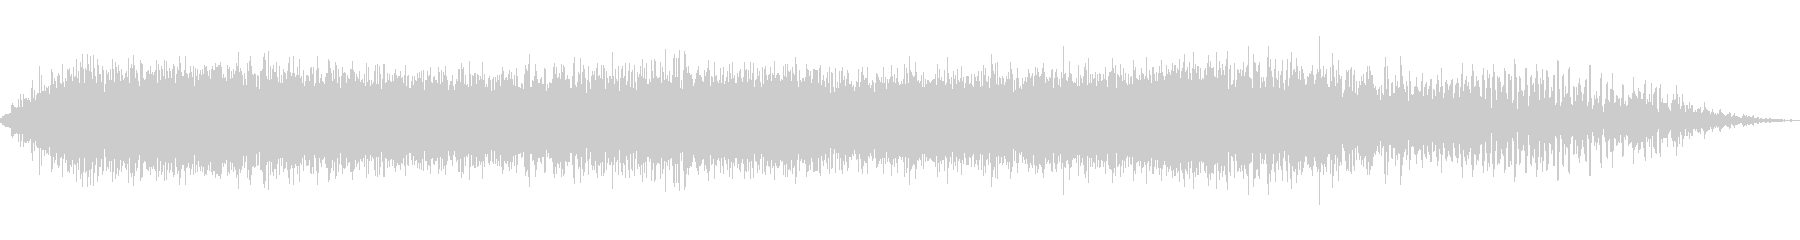 大きなうなり声2の未再生の波形